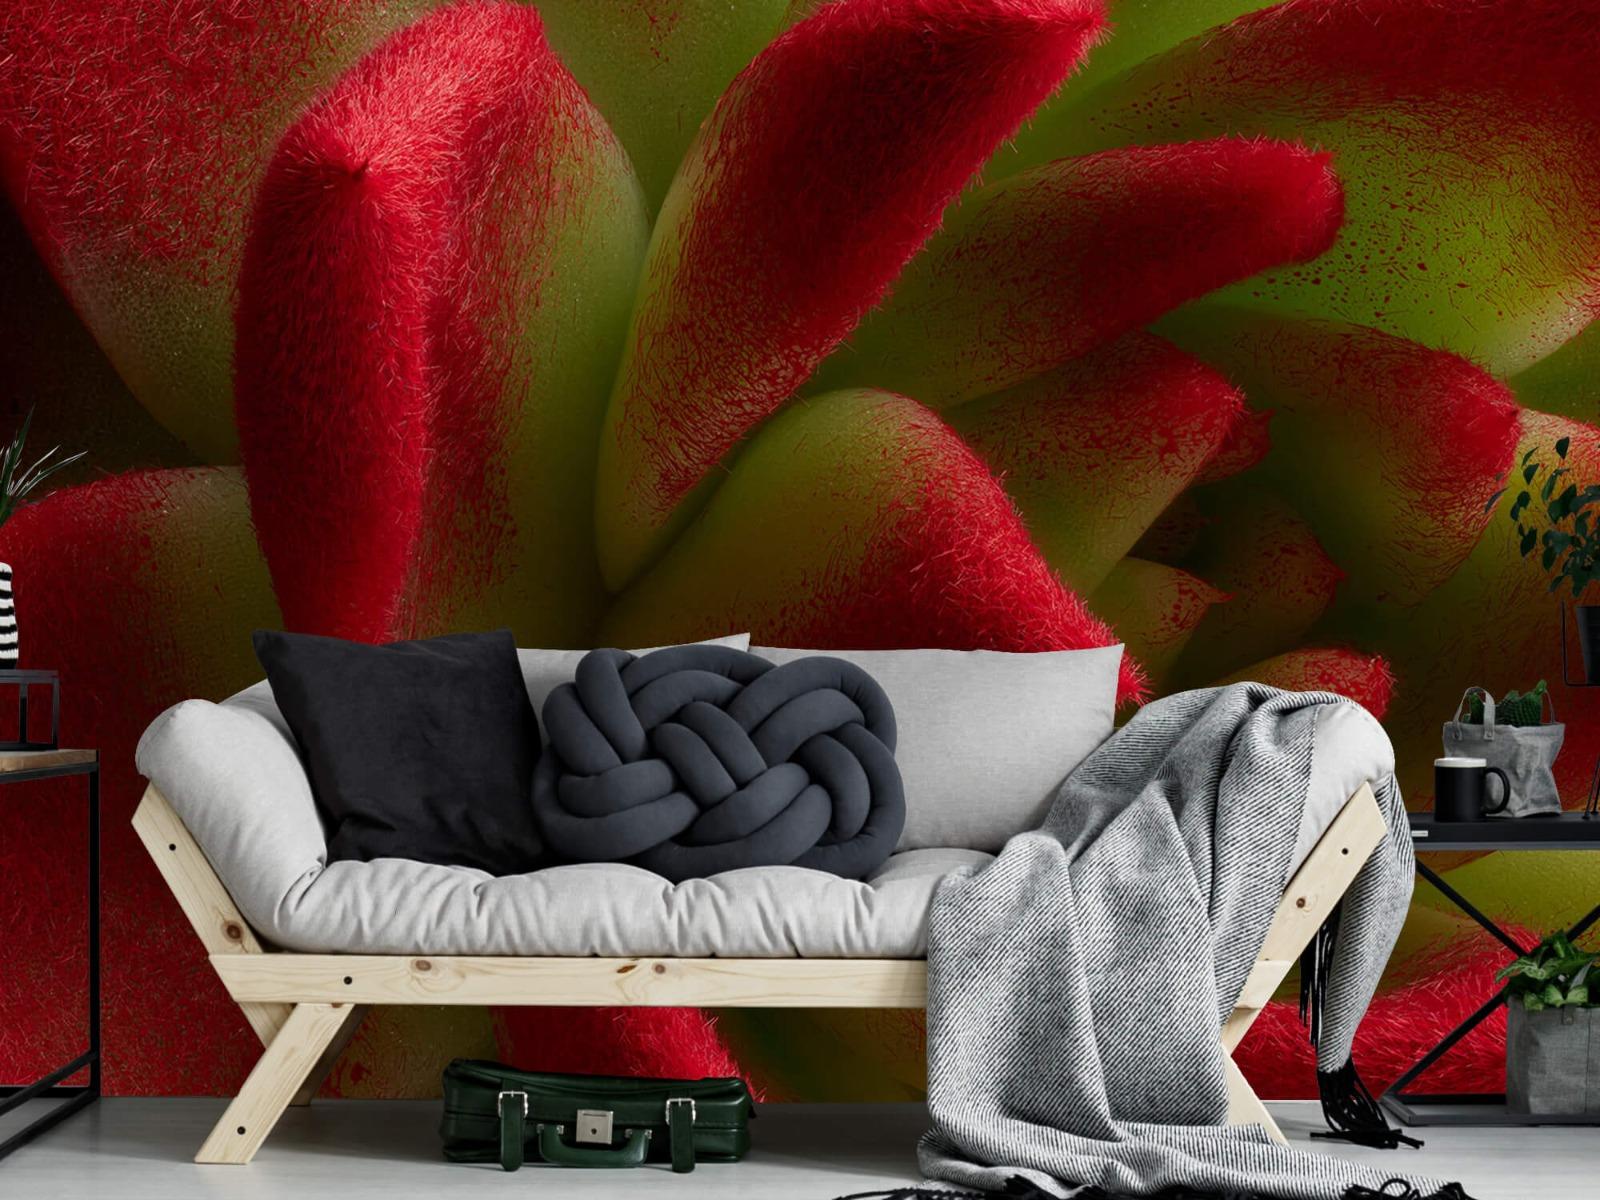 Overige - Rode cactus - Slaapkamer 6